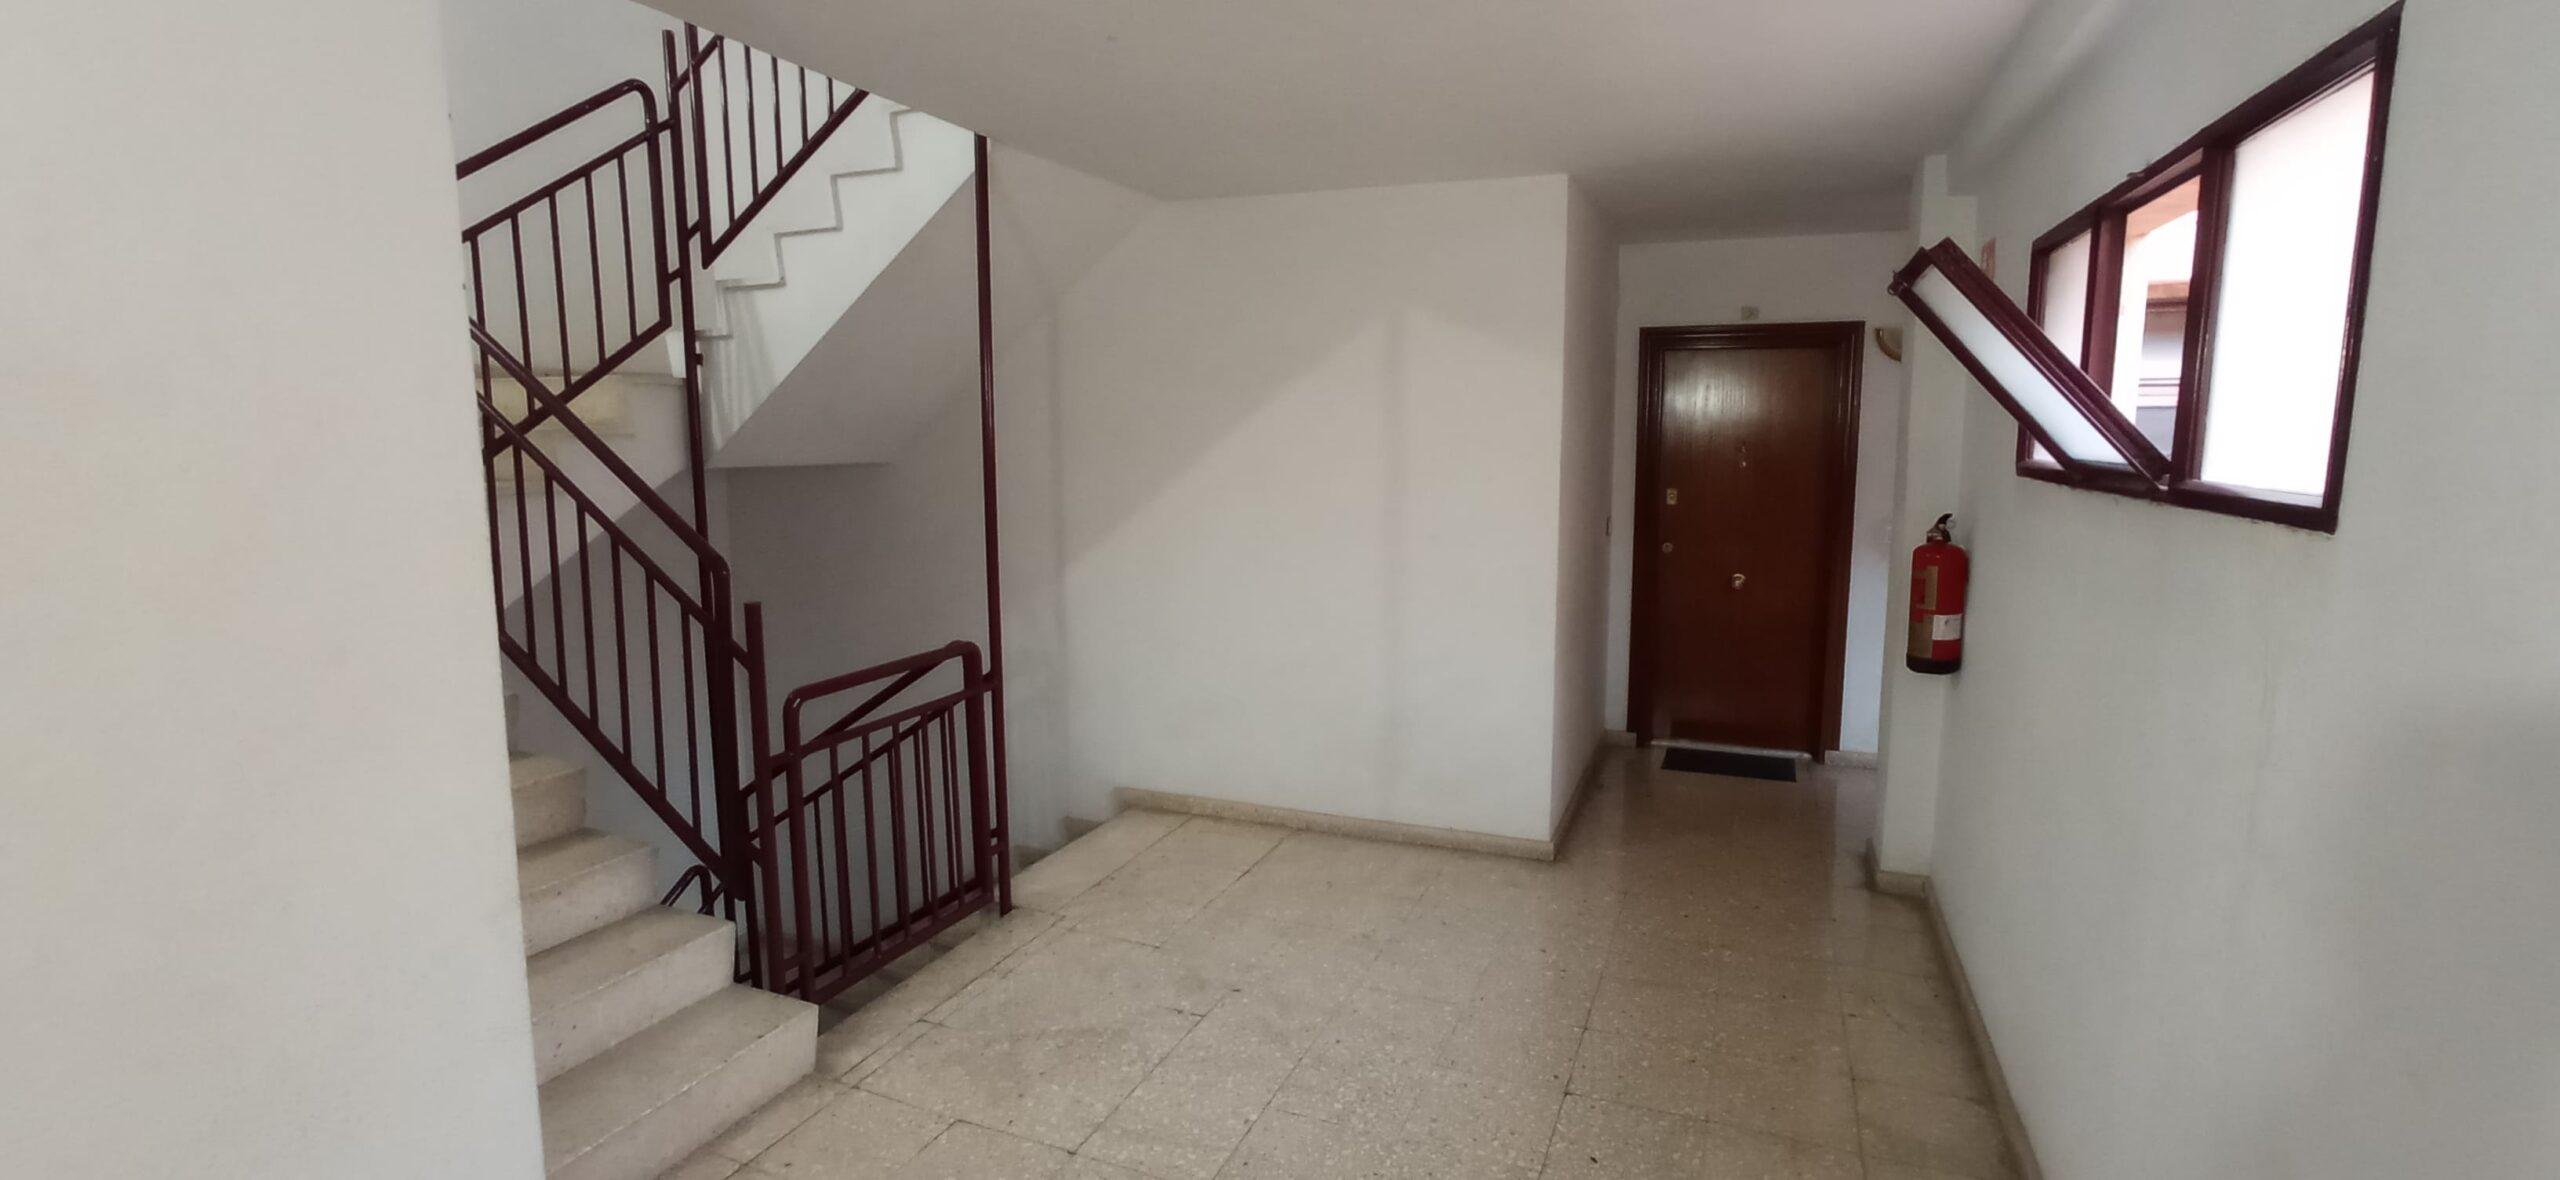 GT-0067-TS : Уютная квартира в Аликанте